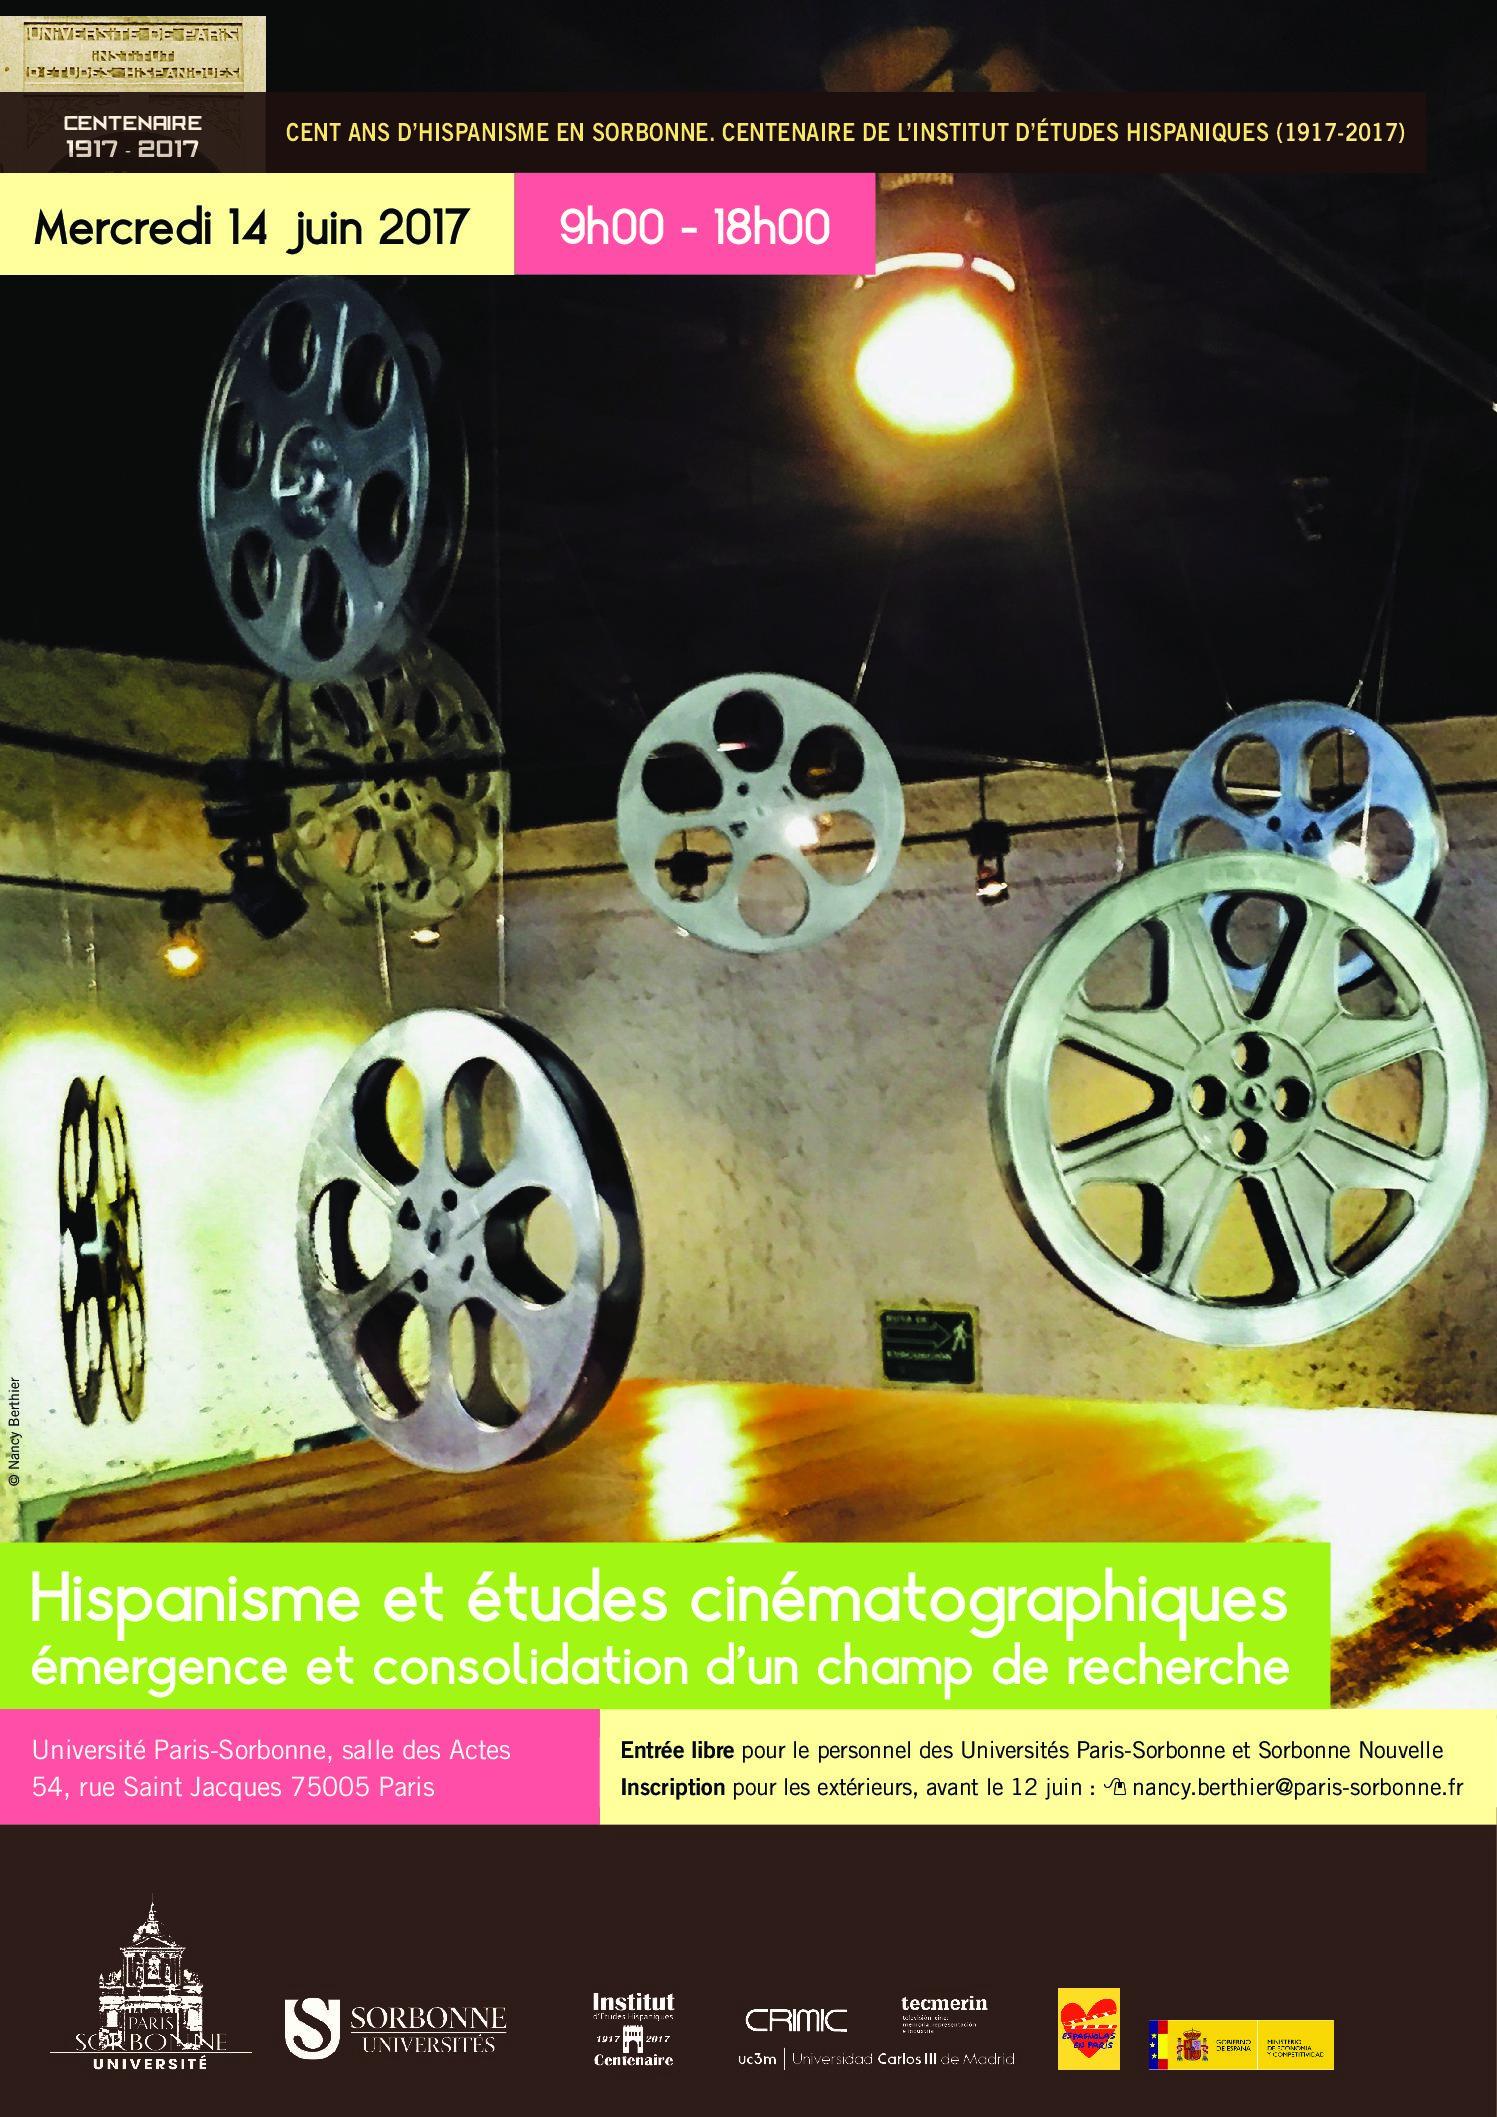 Hispanisme et études cinématographiques : émergence et consolidation d'un champ de recherche